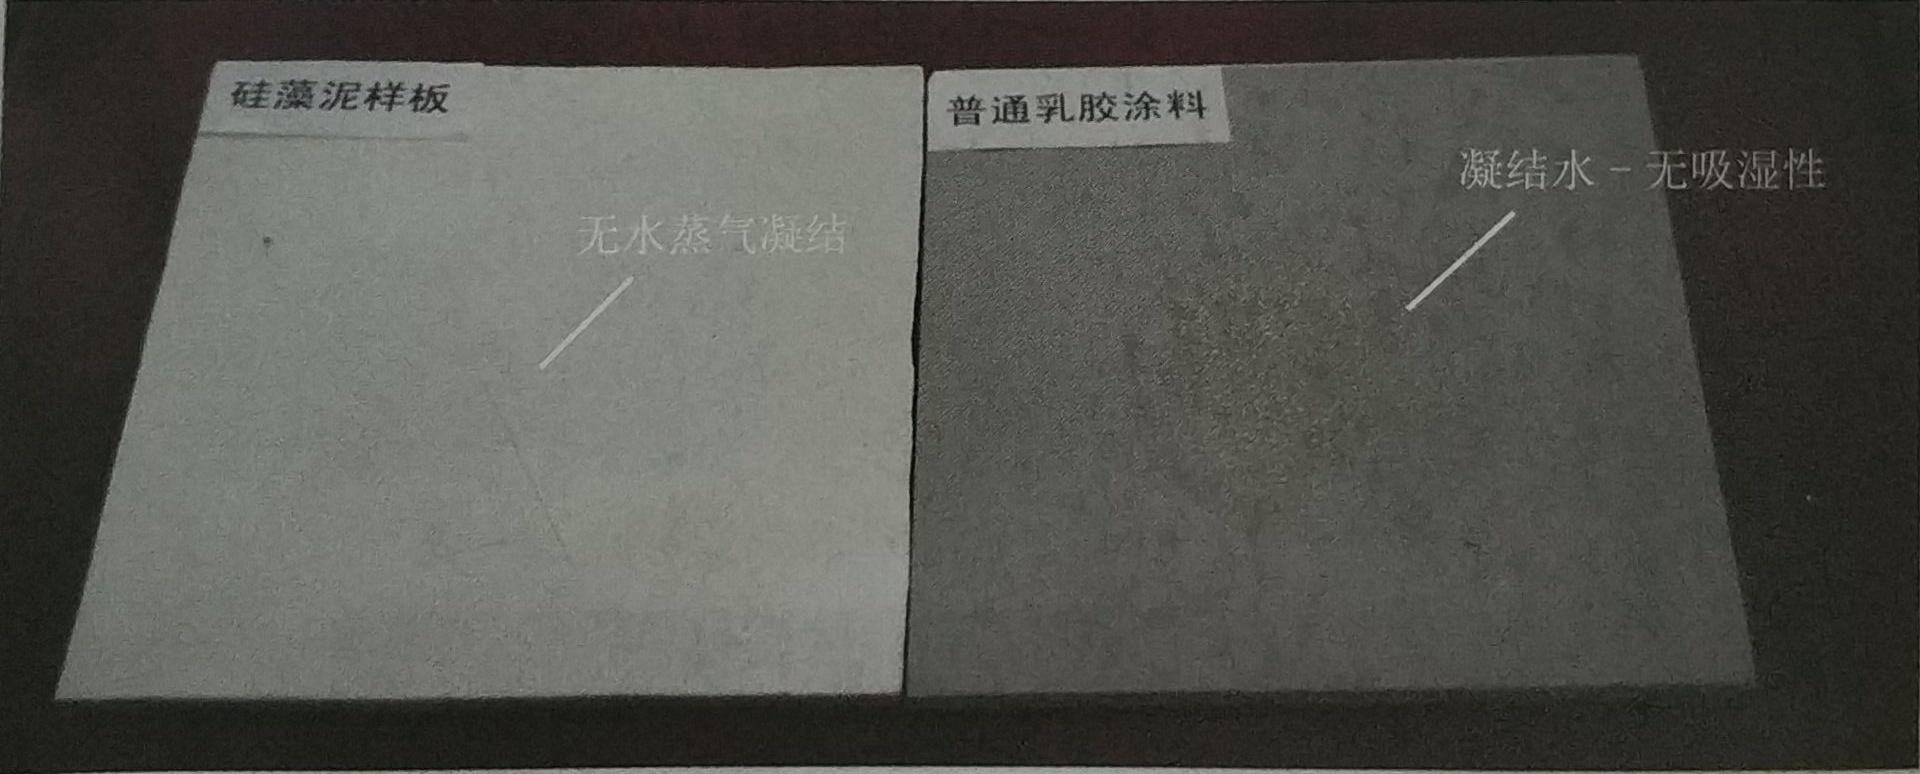 1min后硅藻泥样板和普通乳胶漆表面水汽凝结比较